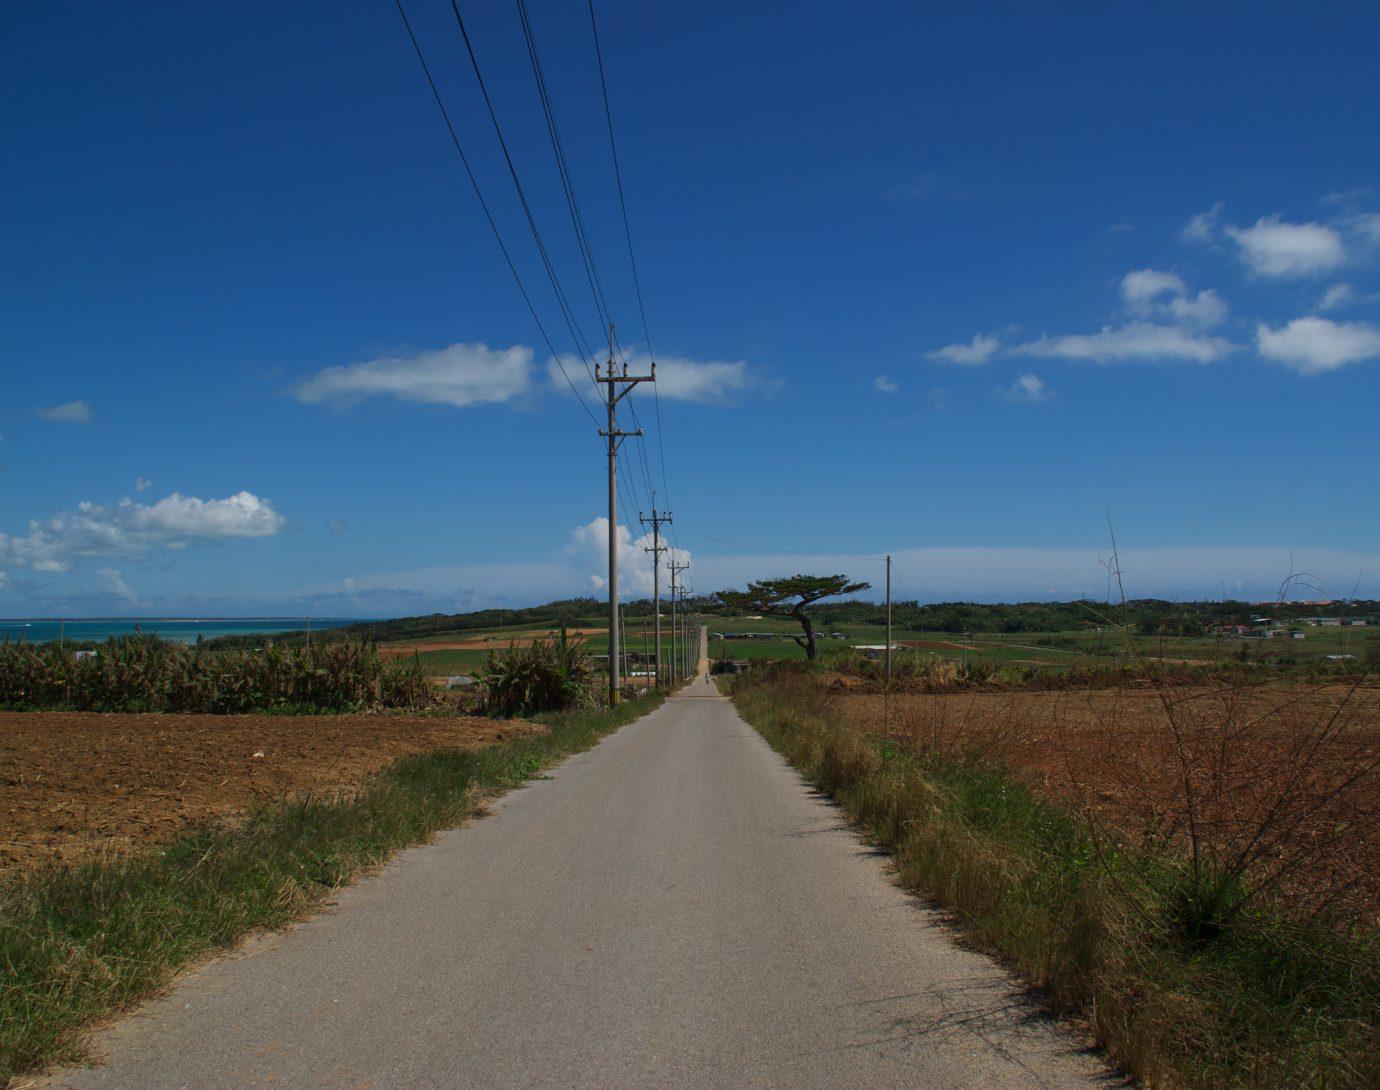 小浜島 開放感溢れる青い海と青い空。そして澄んだ空気がゆるりと流れる小浜島。